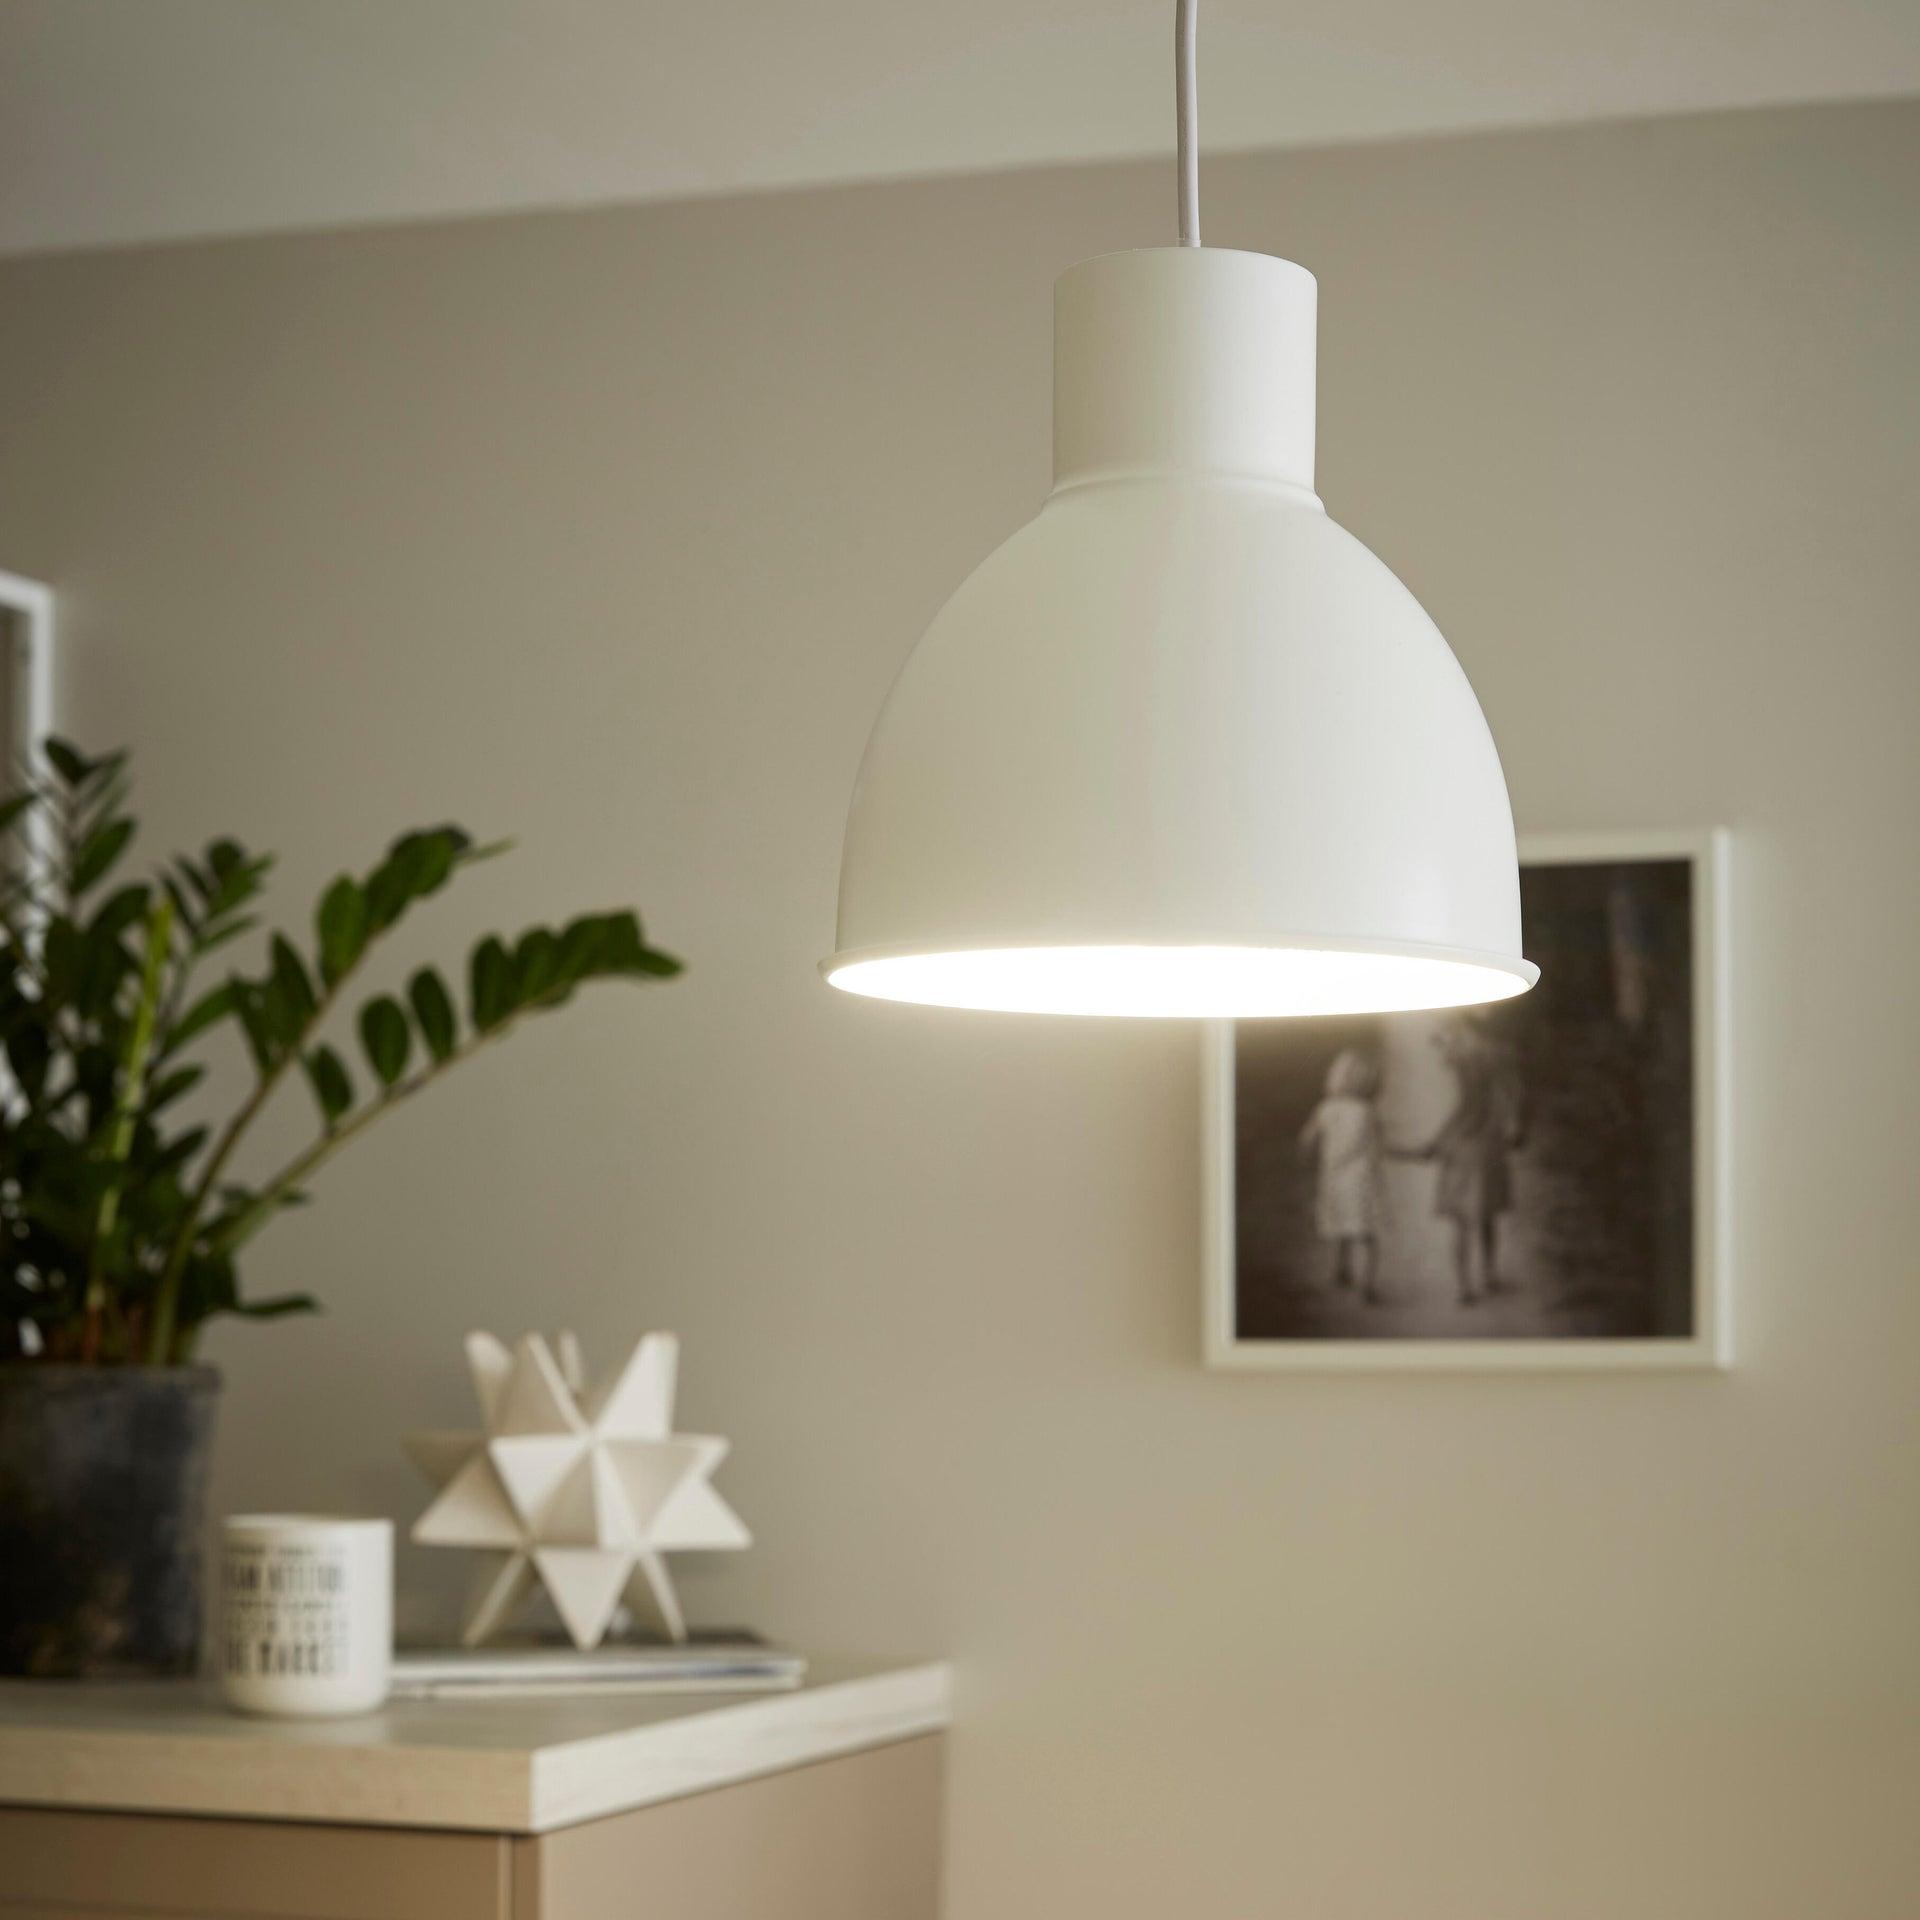 Lampadario Scandinavo Melga bianco in metallo, D. 20 cm, INSPIRE - 9